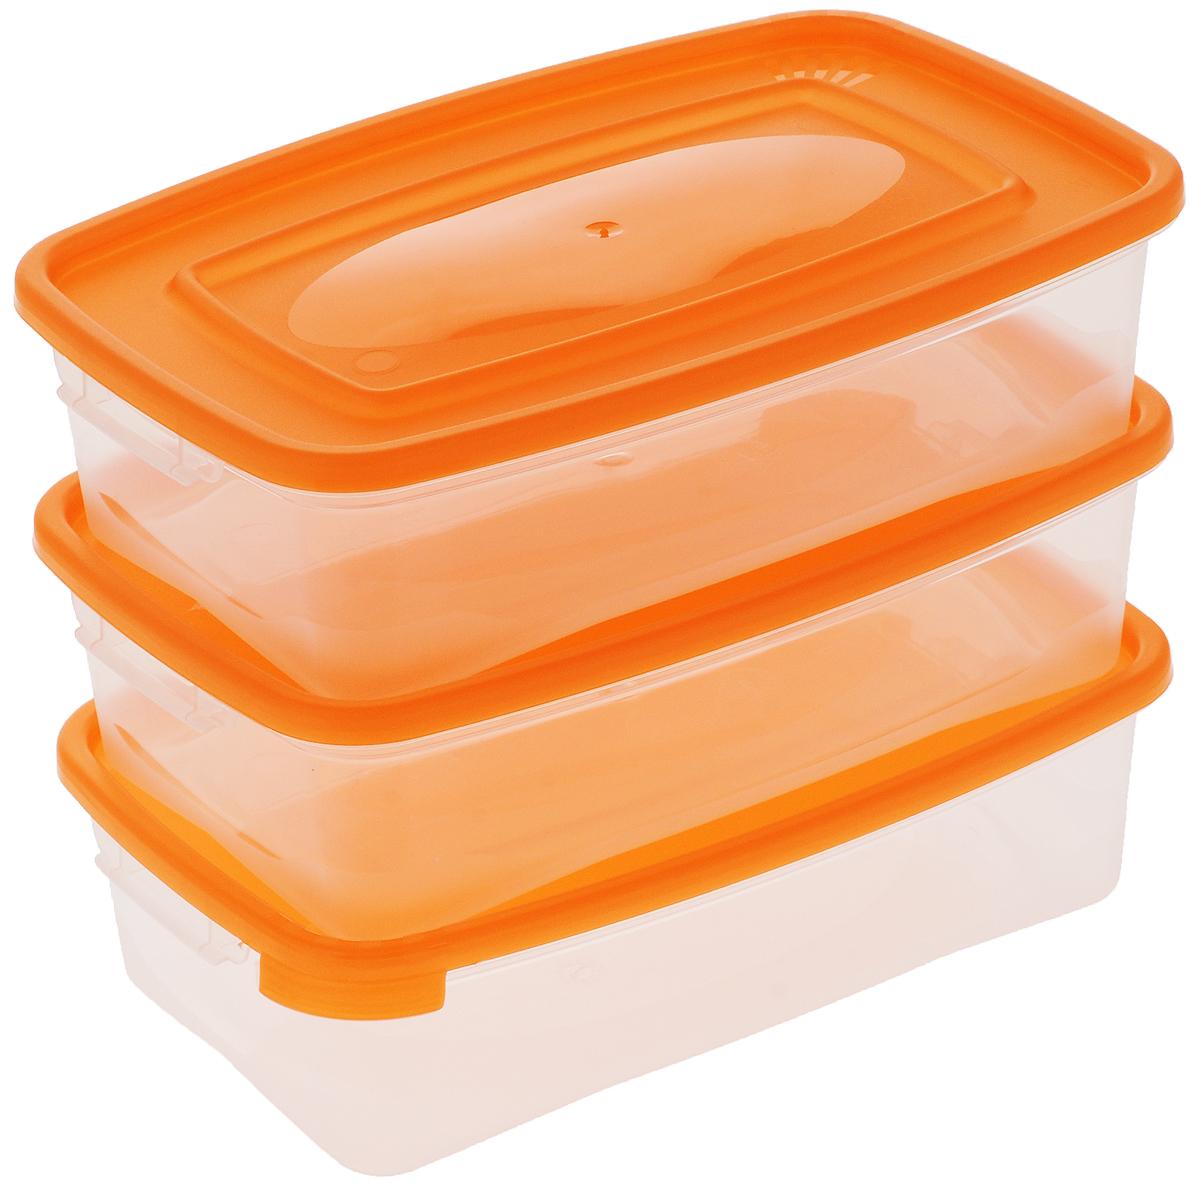 """Набор контейнеров Полимербыт """"Каскад"""" изготовлен из высококачественного прочного пластика, устойчивого к высоким температурам. Стенки контейнера прозрачные, что позволяет видеть содержимое. Цветная полупрозрачная крышка плотно закрывается. Контейнер идеально подходит для хранения пищи, его удобно брать с собой на работу, учебу, пикник или просто использовать для хранения пищи в холодильнике.Можно использовать в микроволновой печи при температуре до +120°С (при открытой крышке) и для заморозки в морозильной камере при температуре до -40°С. Можно мыть в посудомоечной машине.Размер одного контейнера: 18,5 х 12 х 5,5 см.Комплектация: 3 шт."""